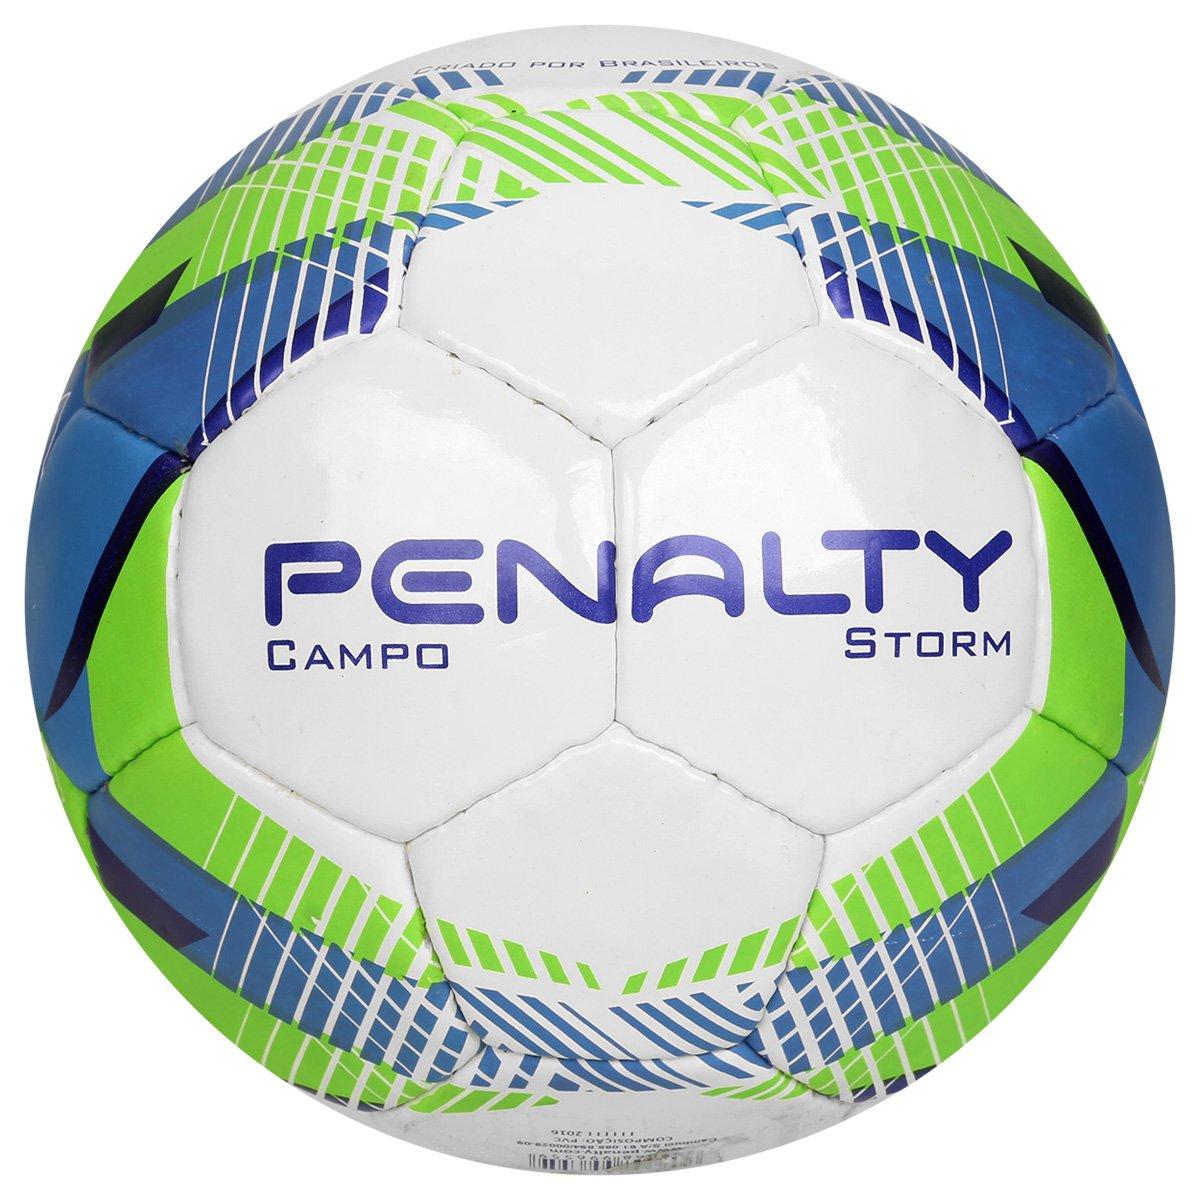 Bola Futebol Penalty Storm Campo - Compre Agora  6af1e29ee7401